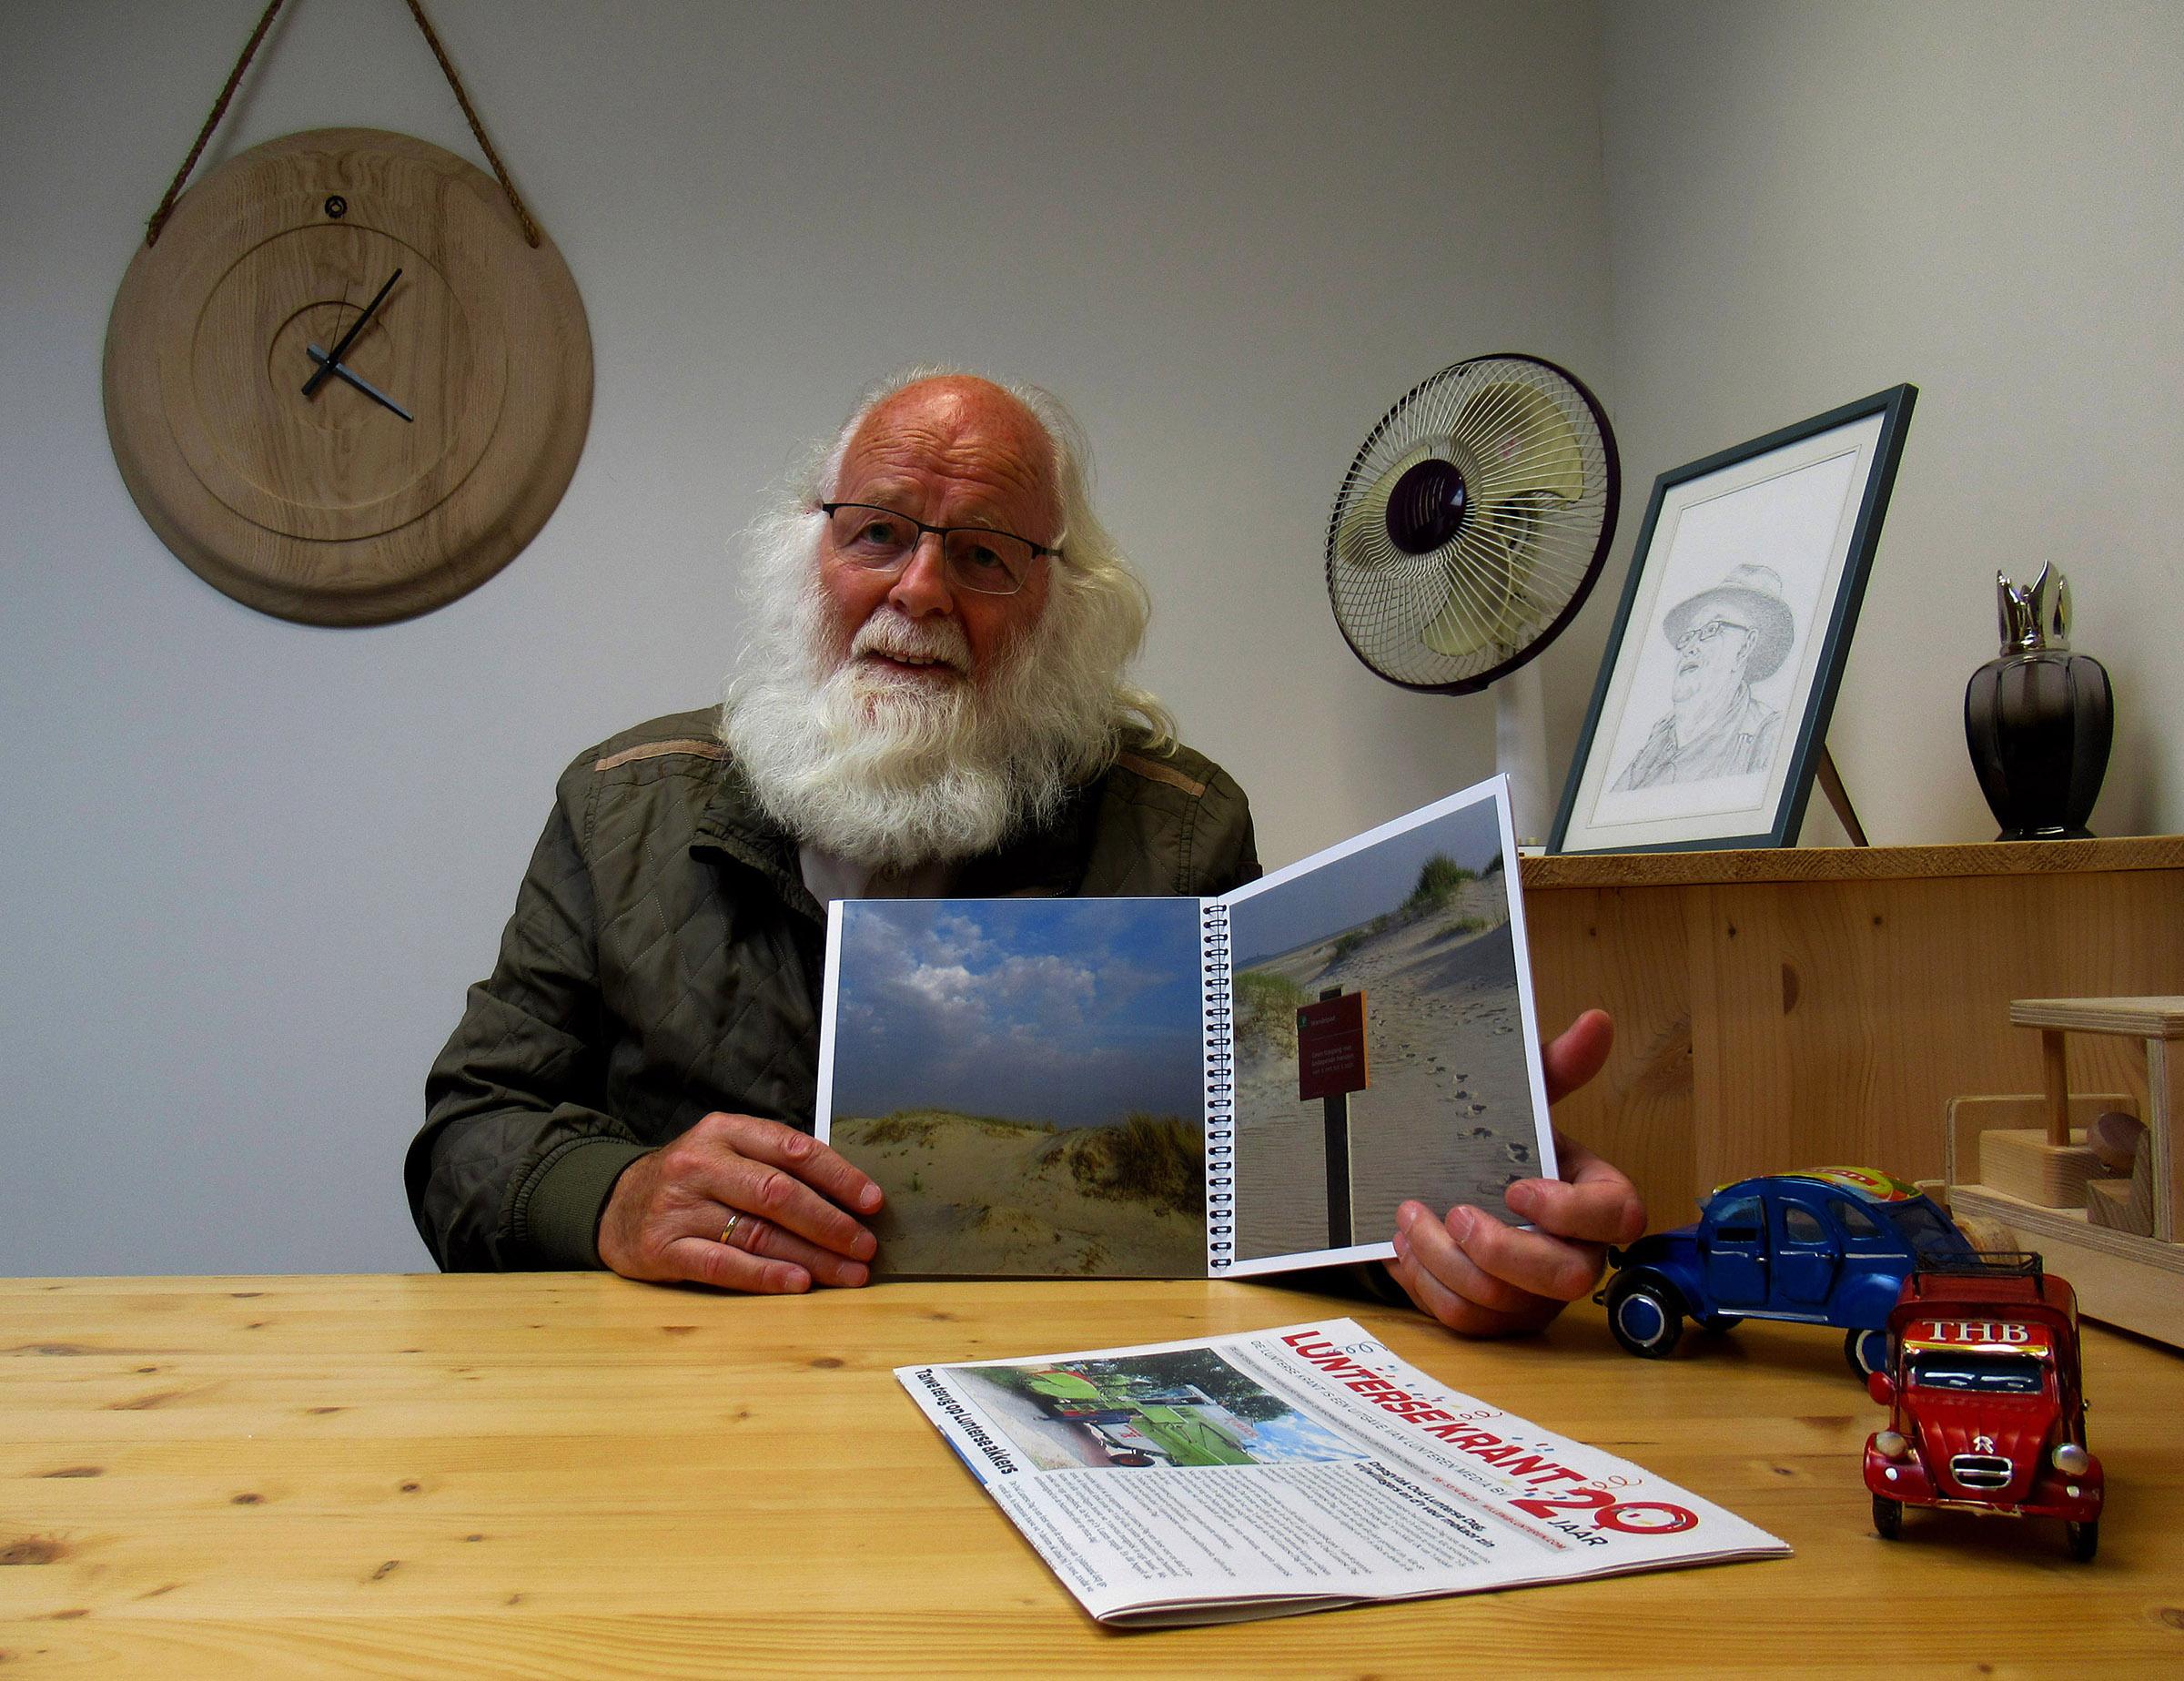 Louis heeft zojuist het bewuste boekwerk in ontvangst genomen - Foto: ©Fransien Fraanje